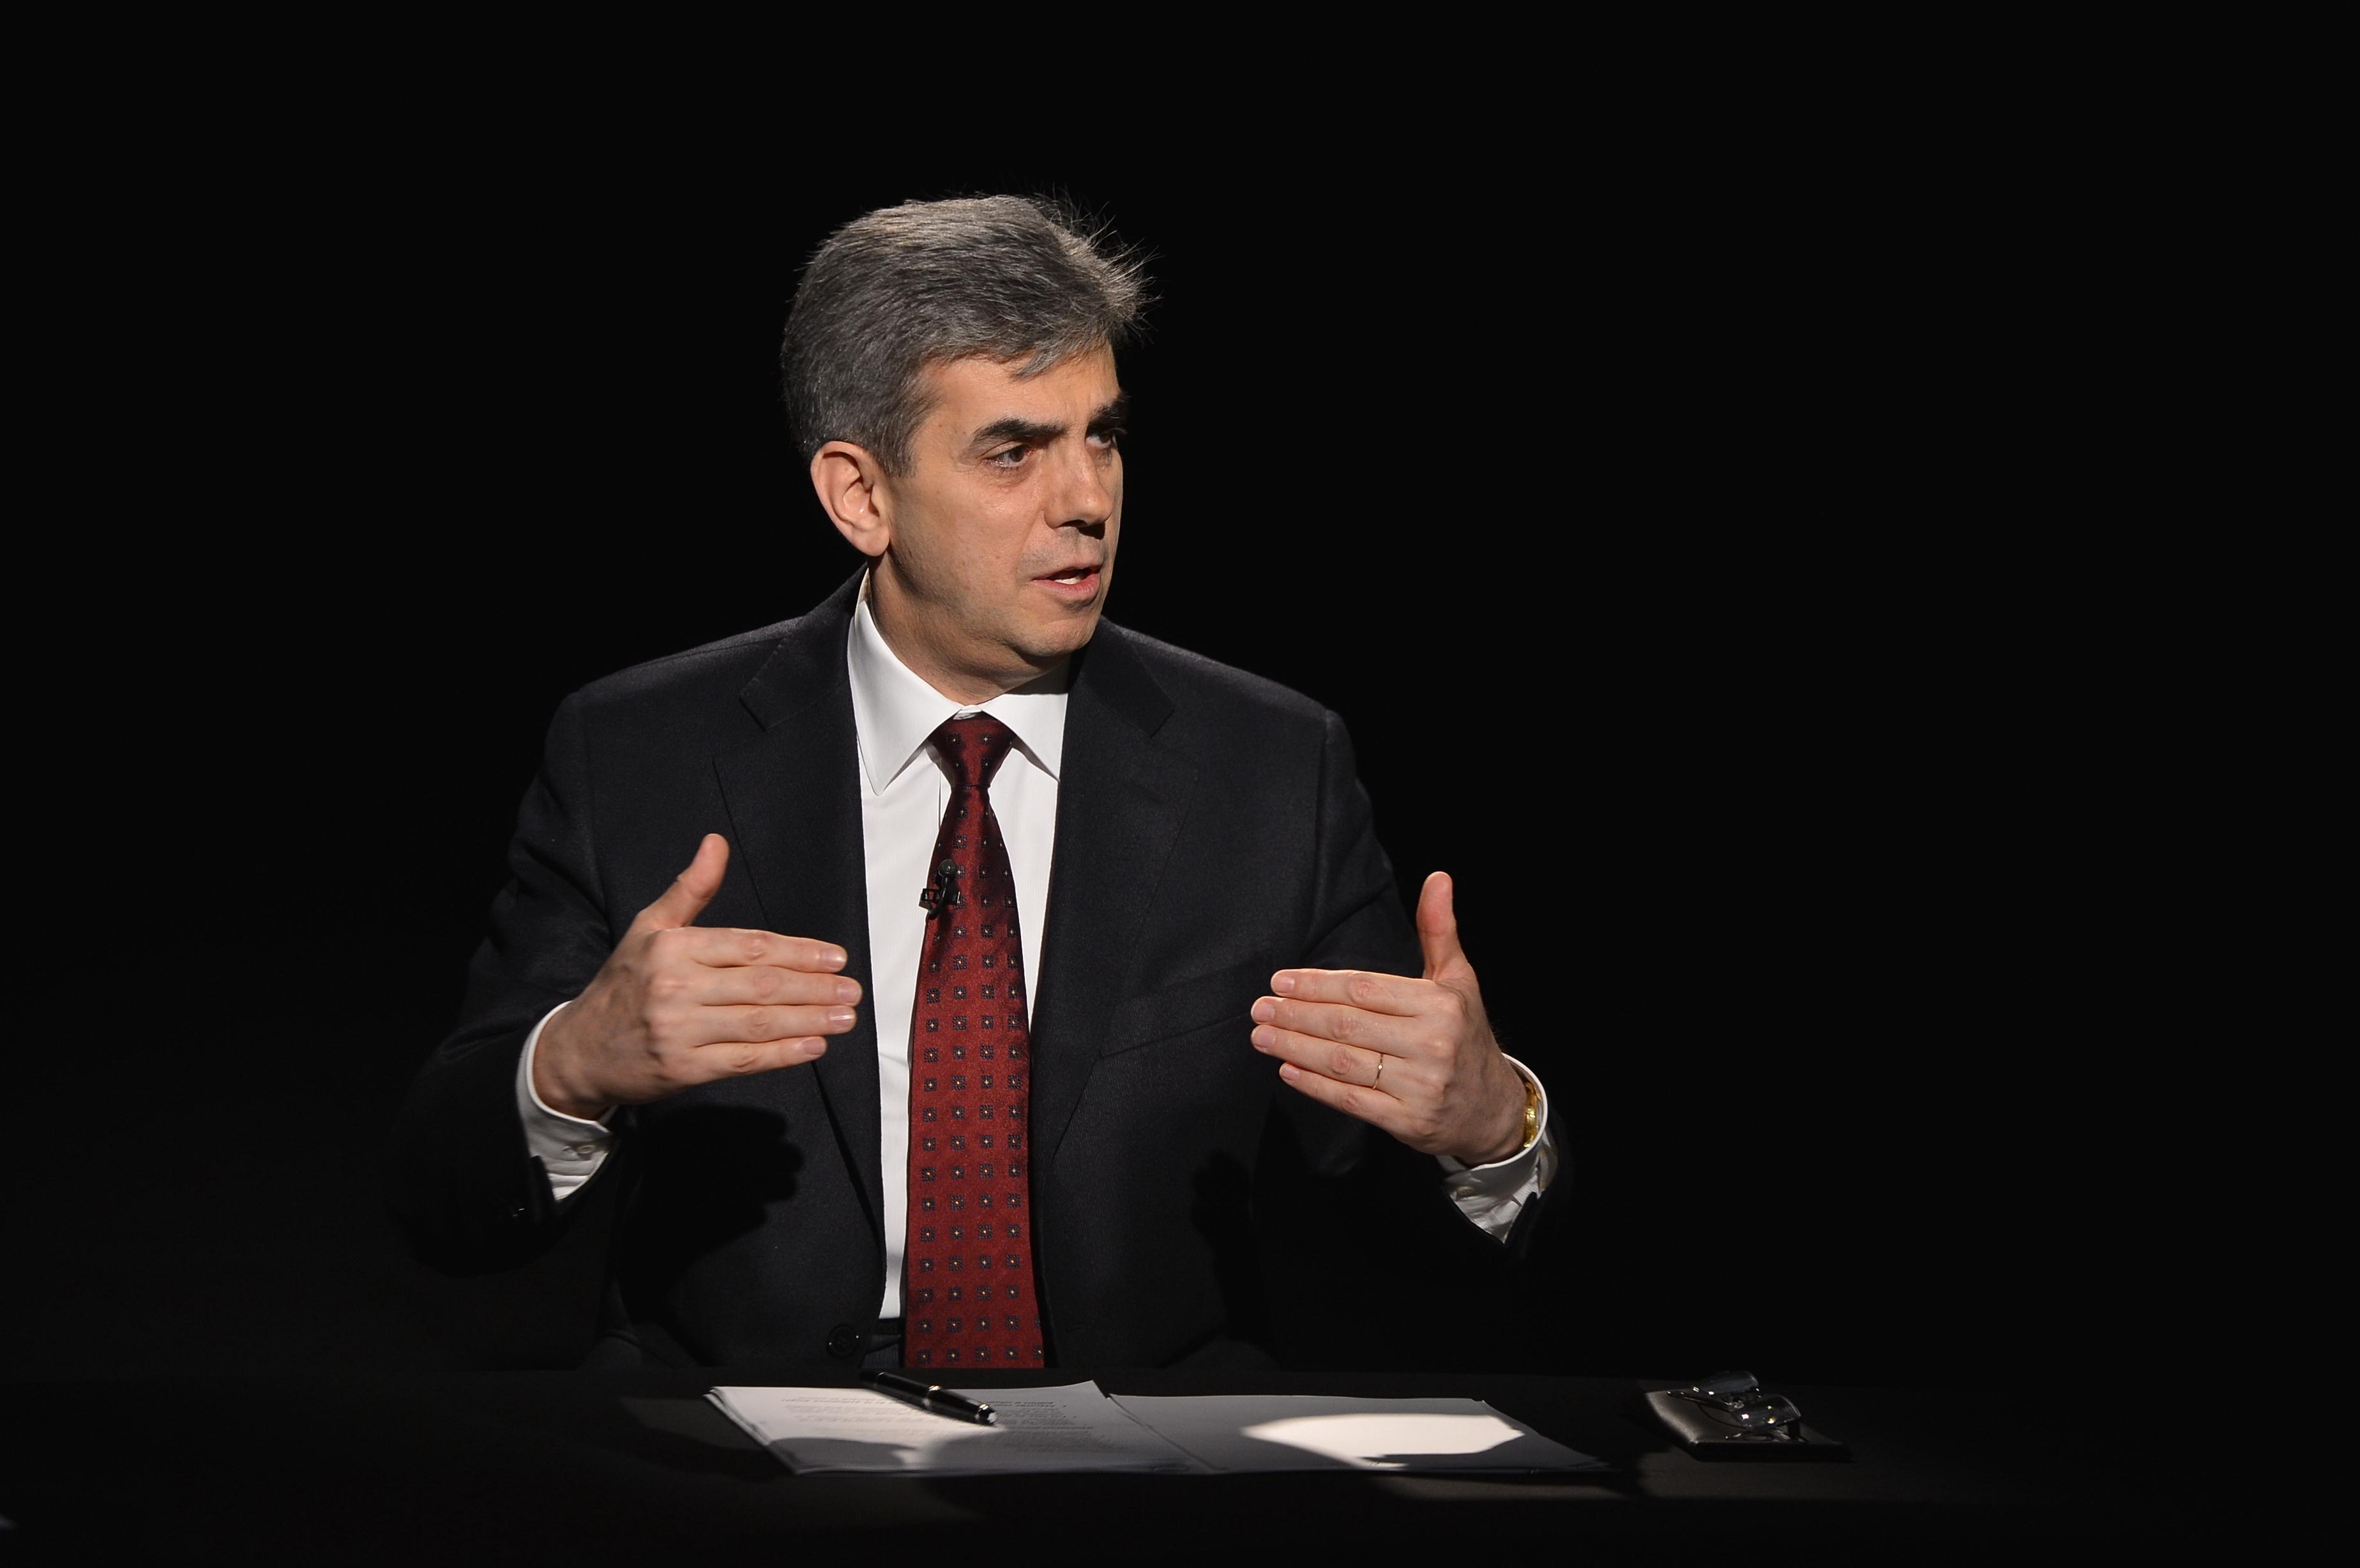 Vezi LISTA completa a medicamentelor compensate prezentata de ministrul Eugen Nicolaescu